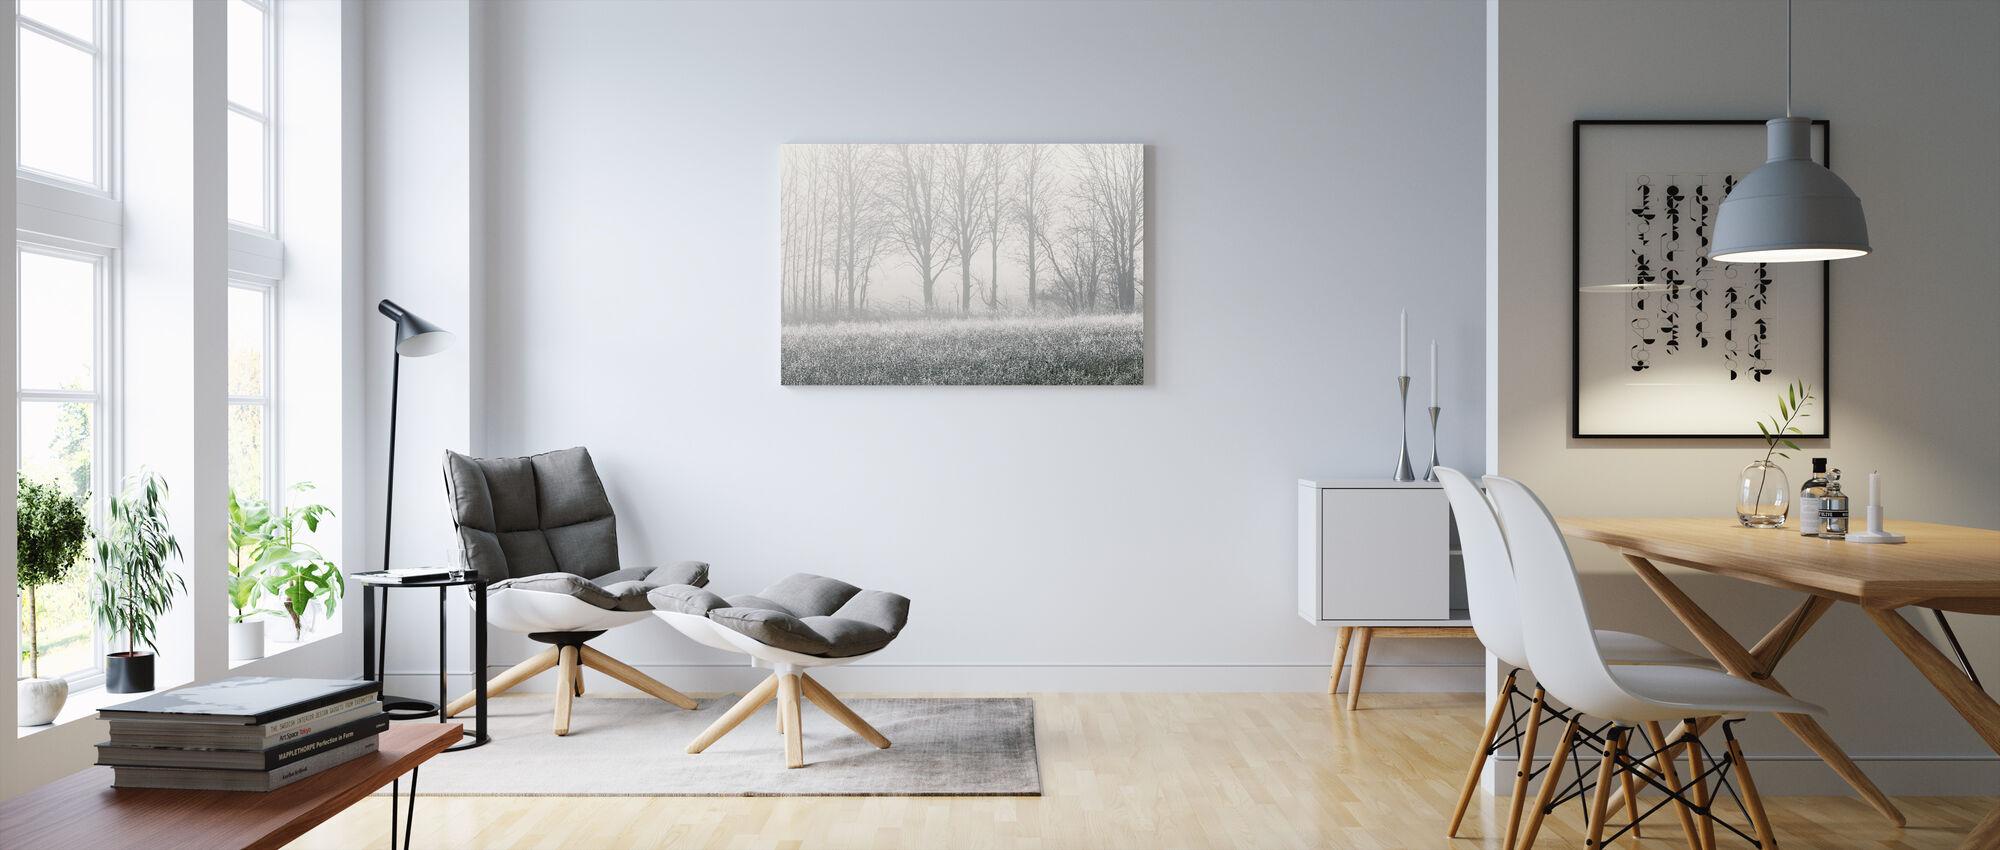 Sumuinen puu - Canvastaulu - Olohuone